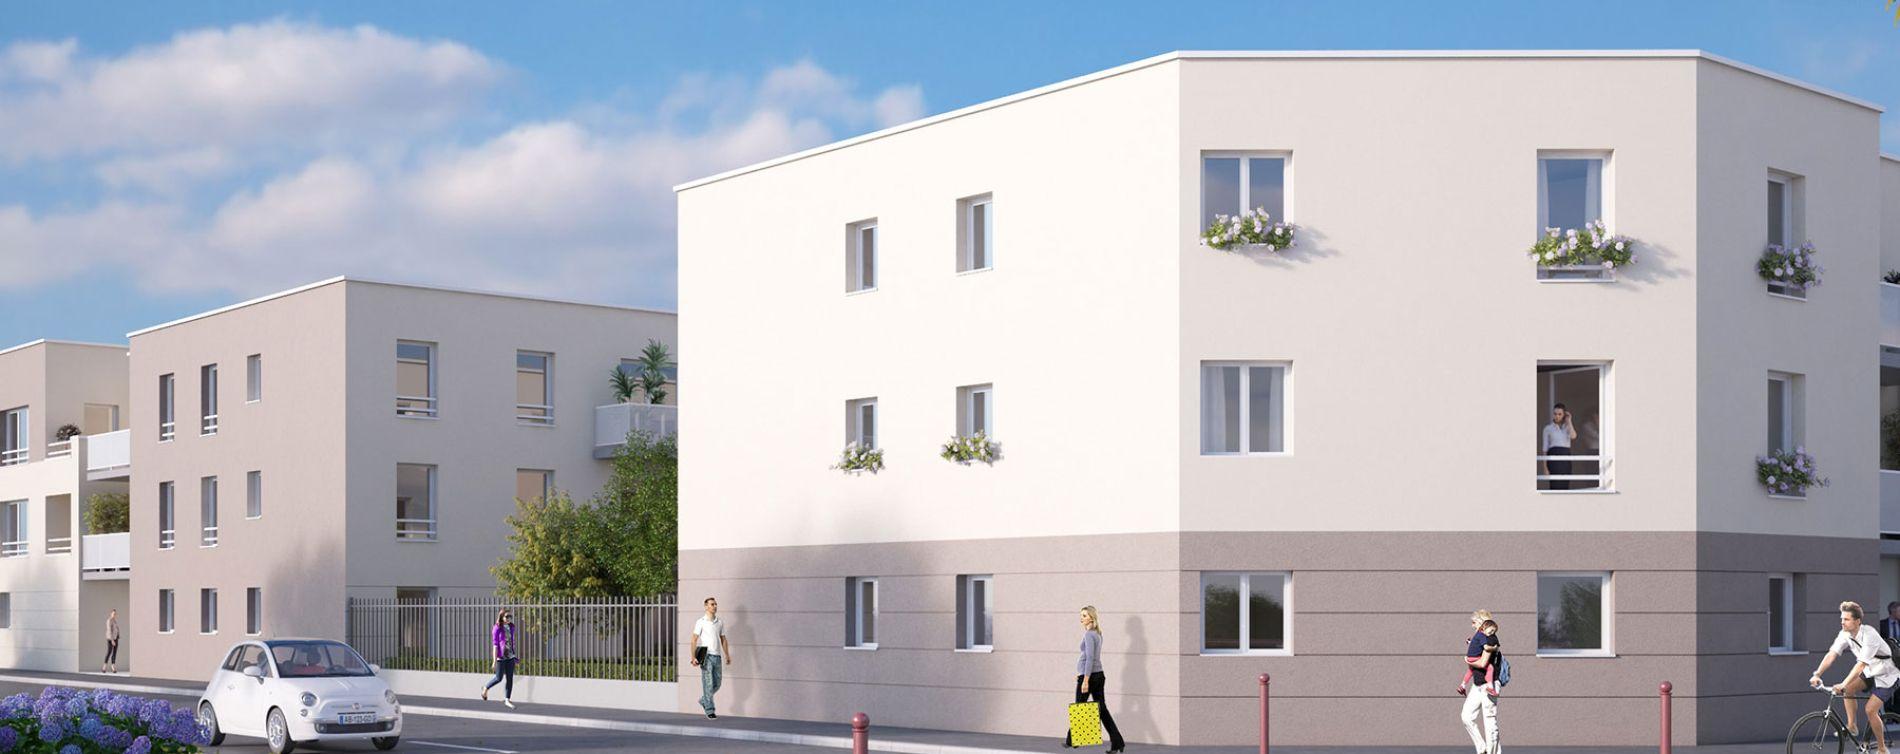 Canteleu : programme immobilier neuve « Belamii » (2)